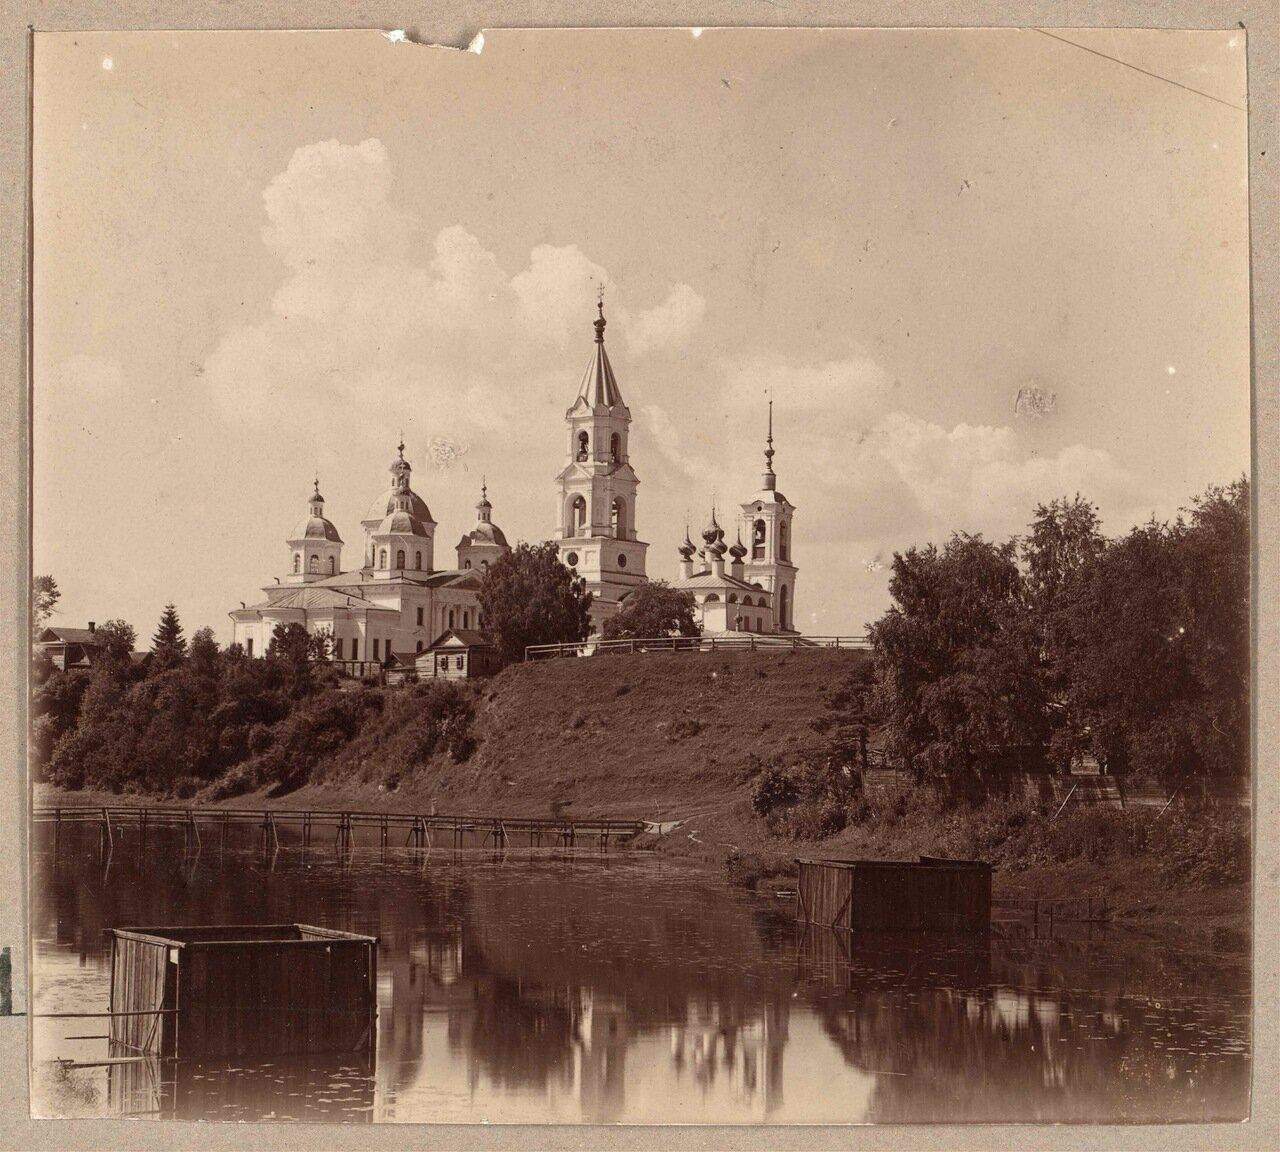 Воскресенский и Успенский соборы. Кашин. Река Кашинка